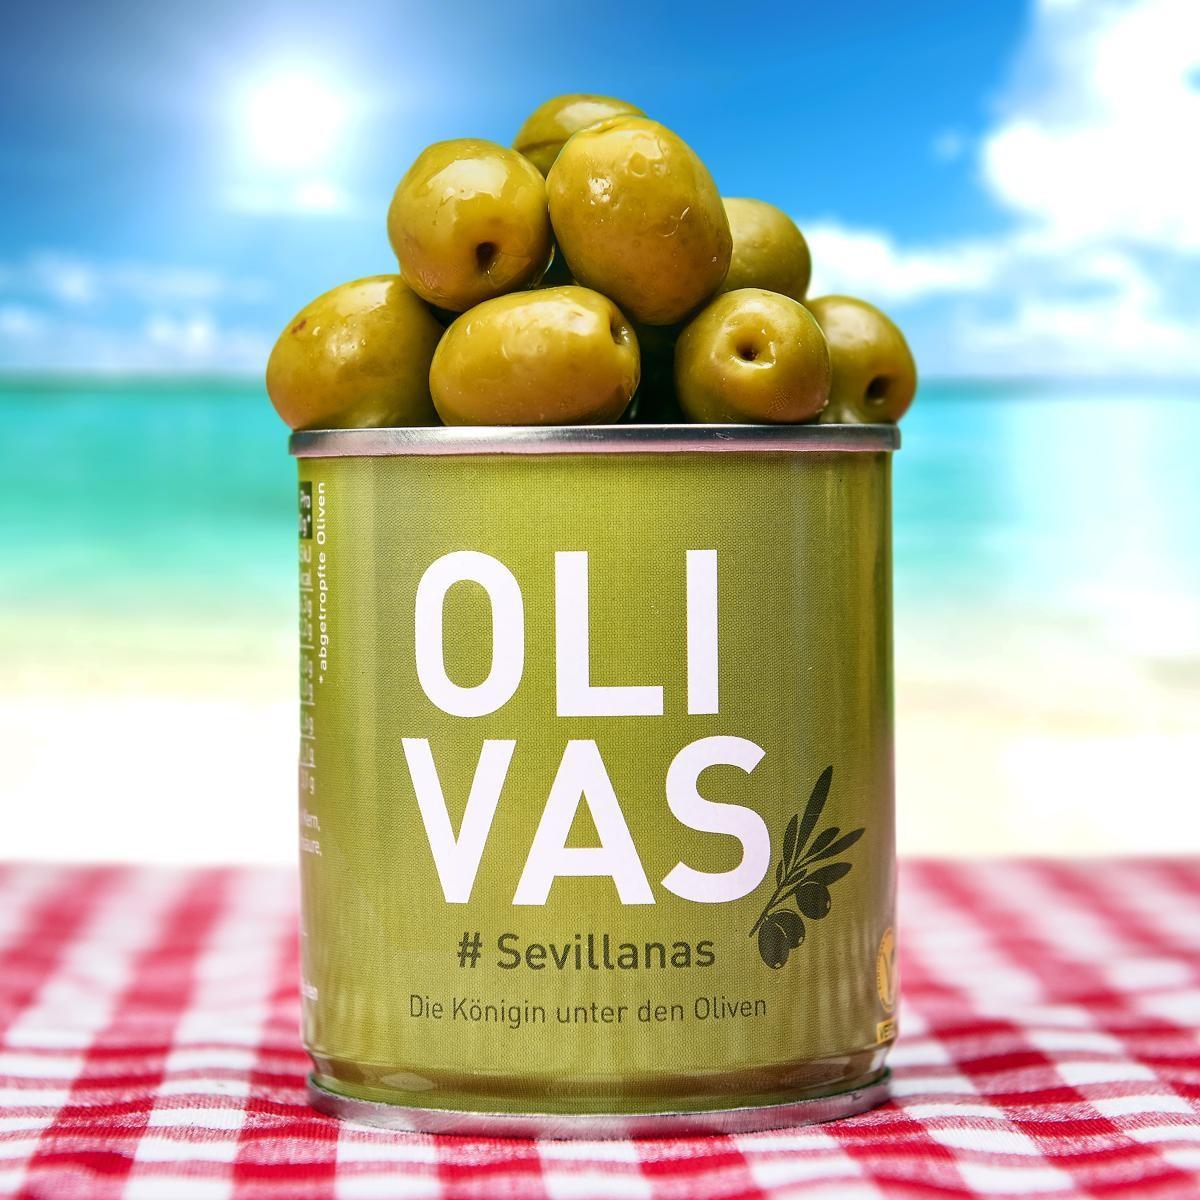 zelene olivy ze spanelska olivas sevillanas 80g.jpg